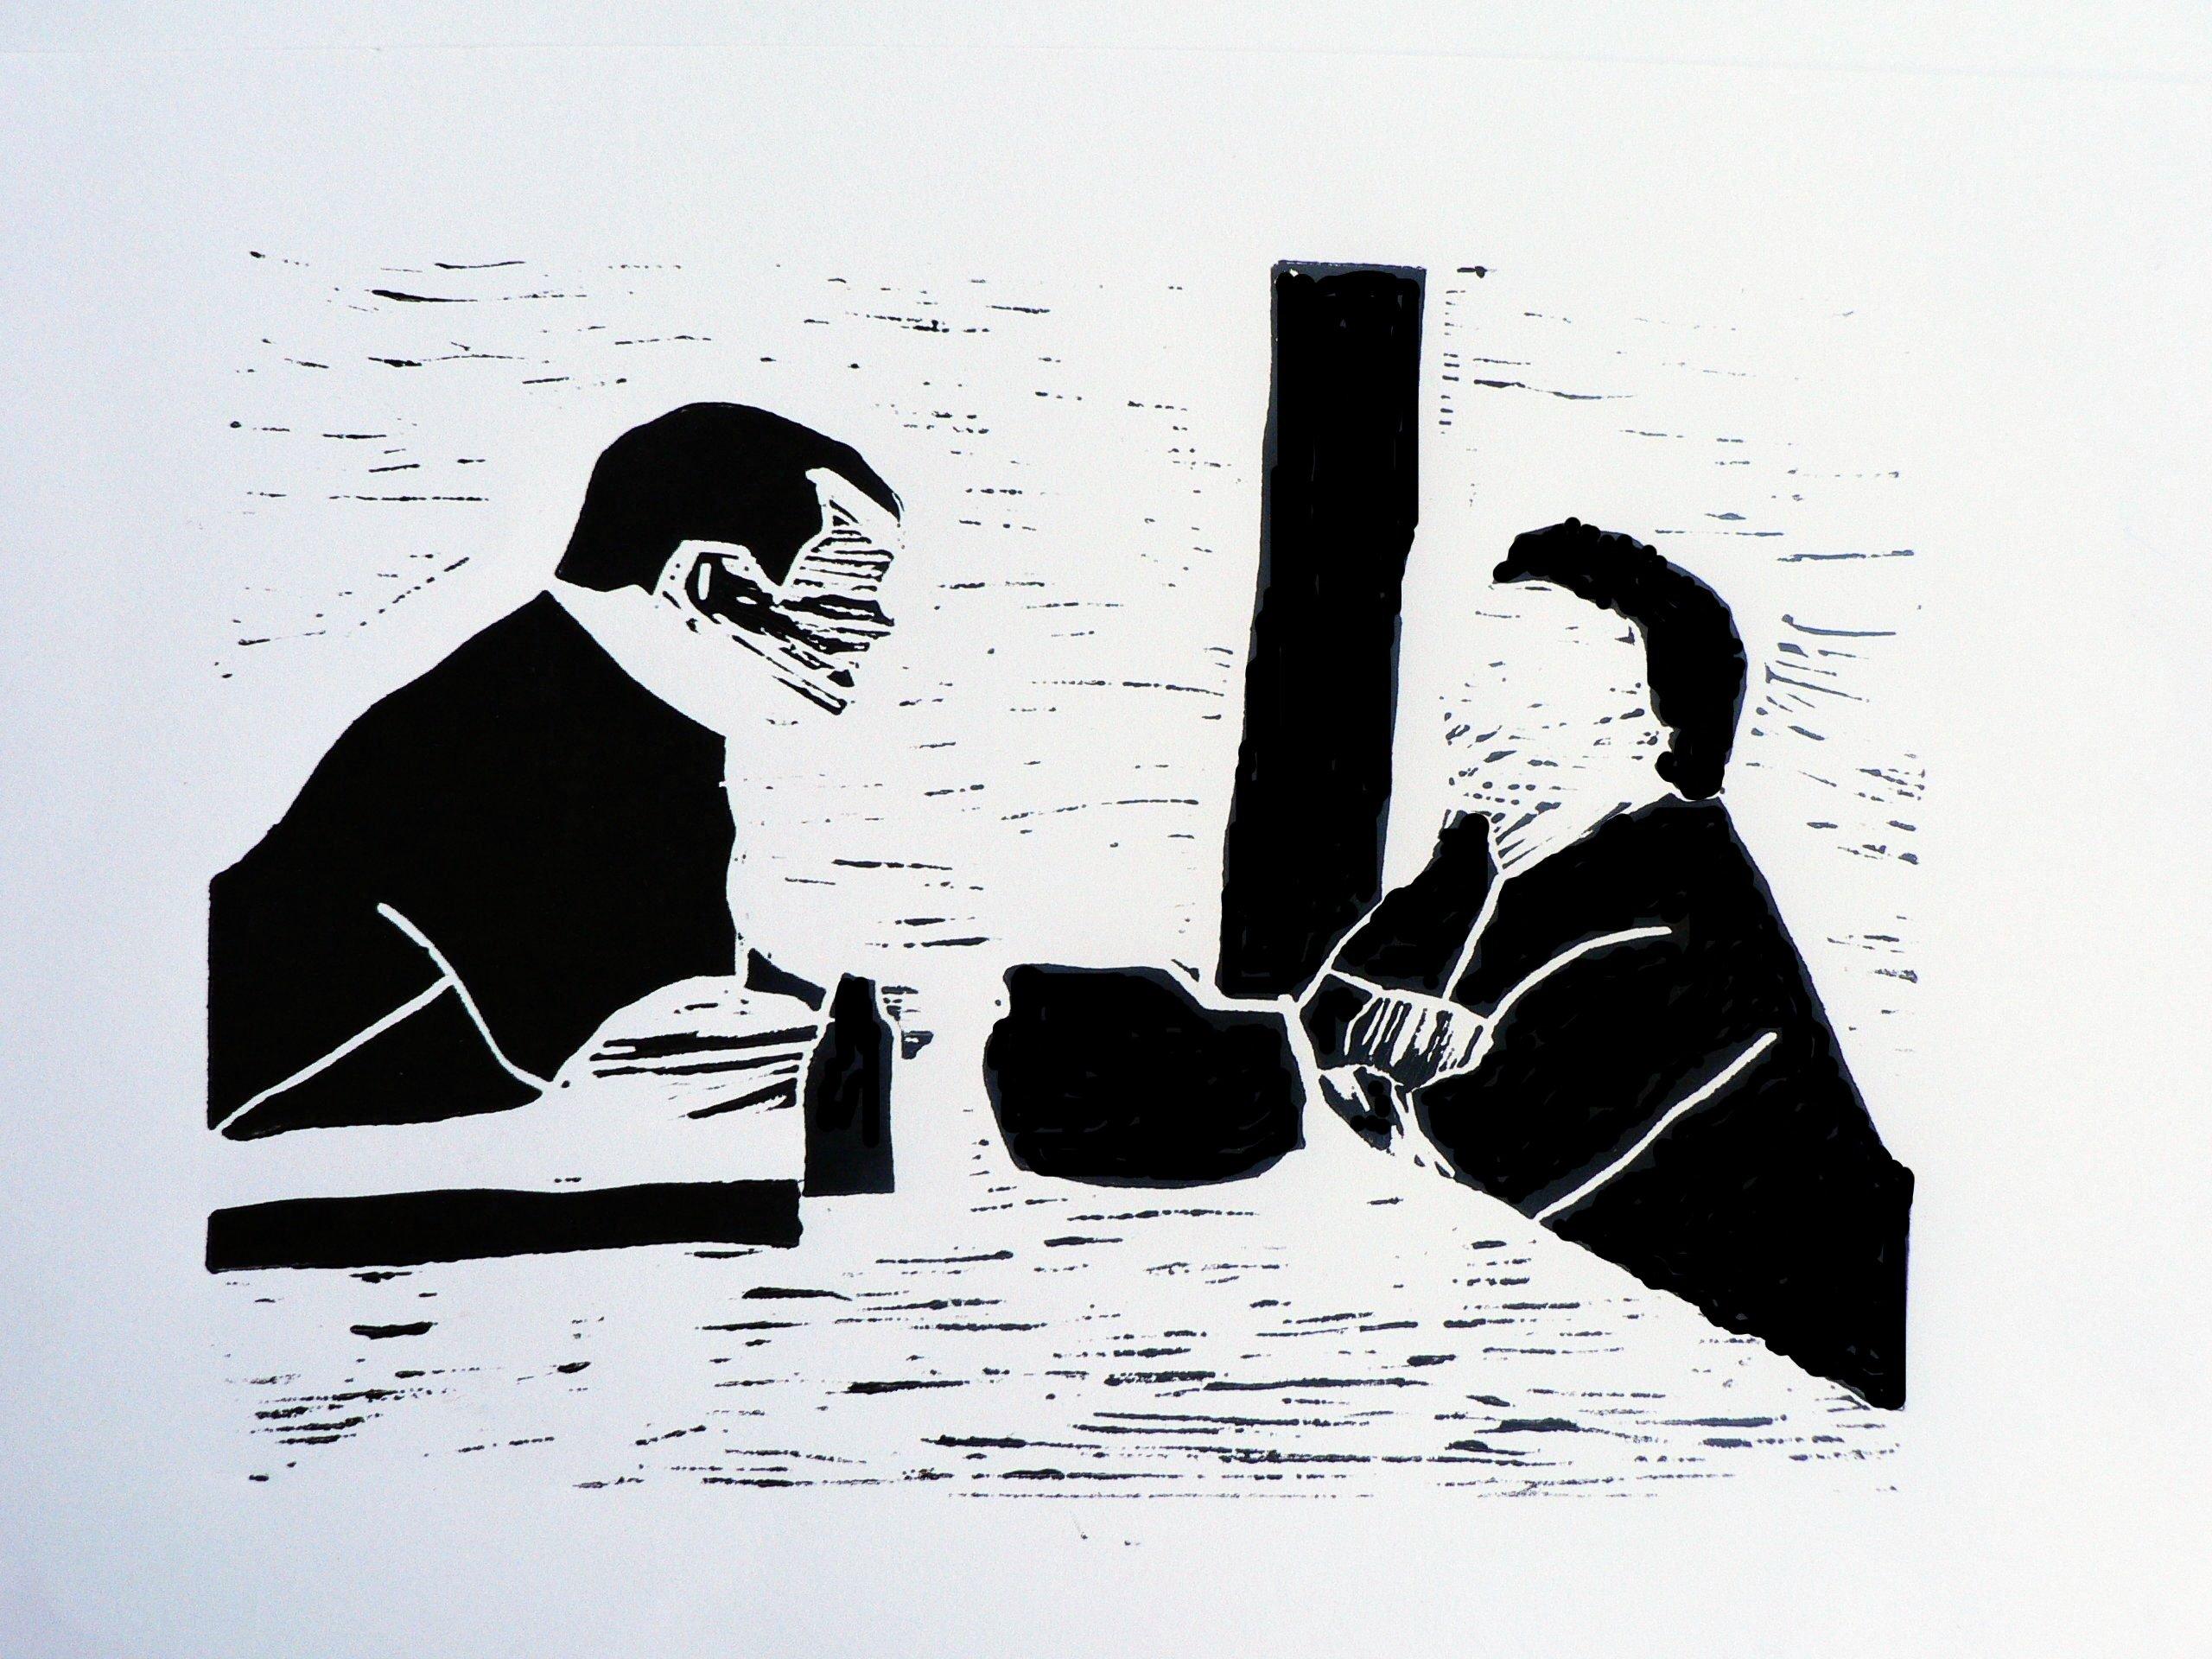 Stadtgesprach 3, 2008, Linolschnitt